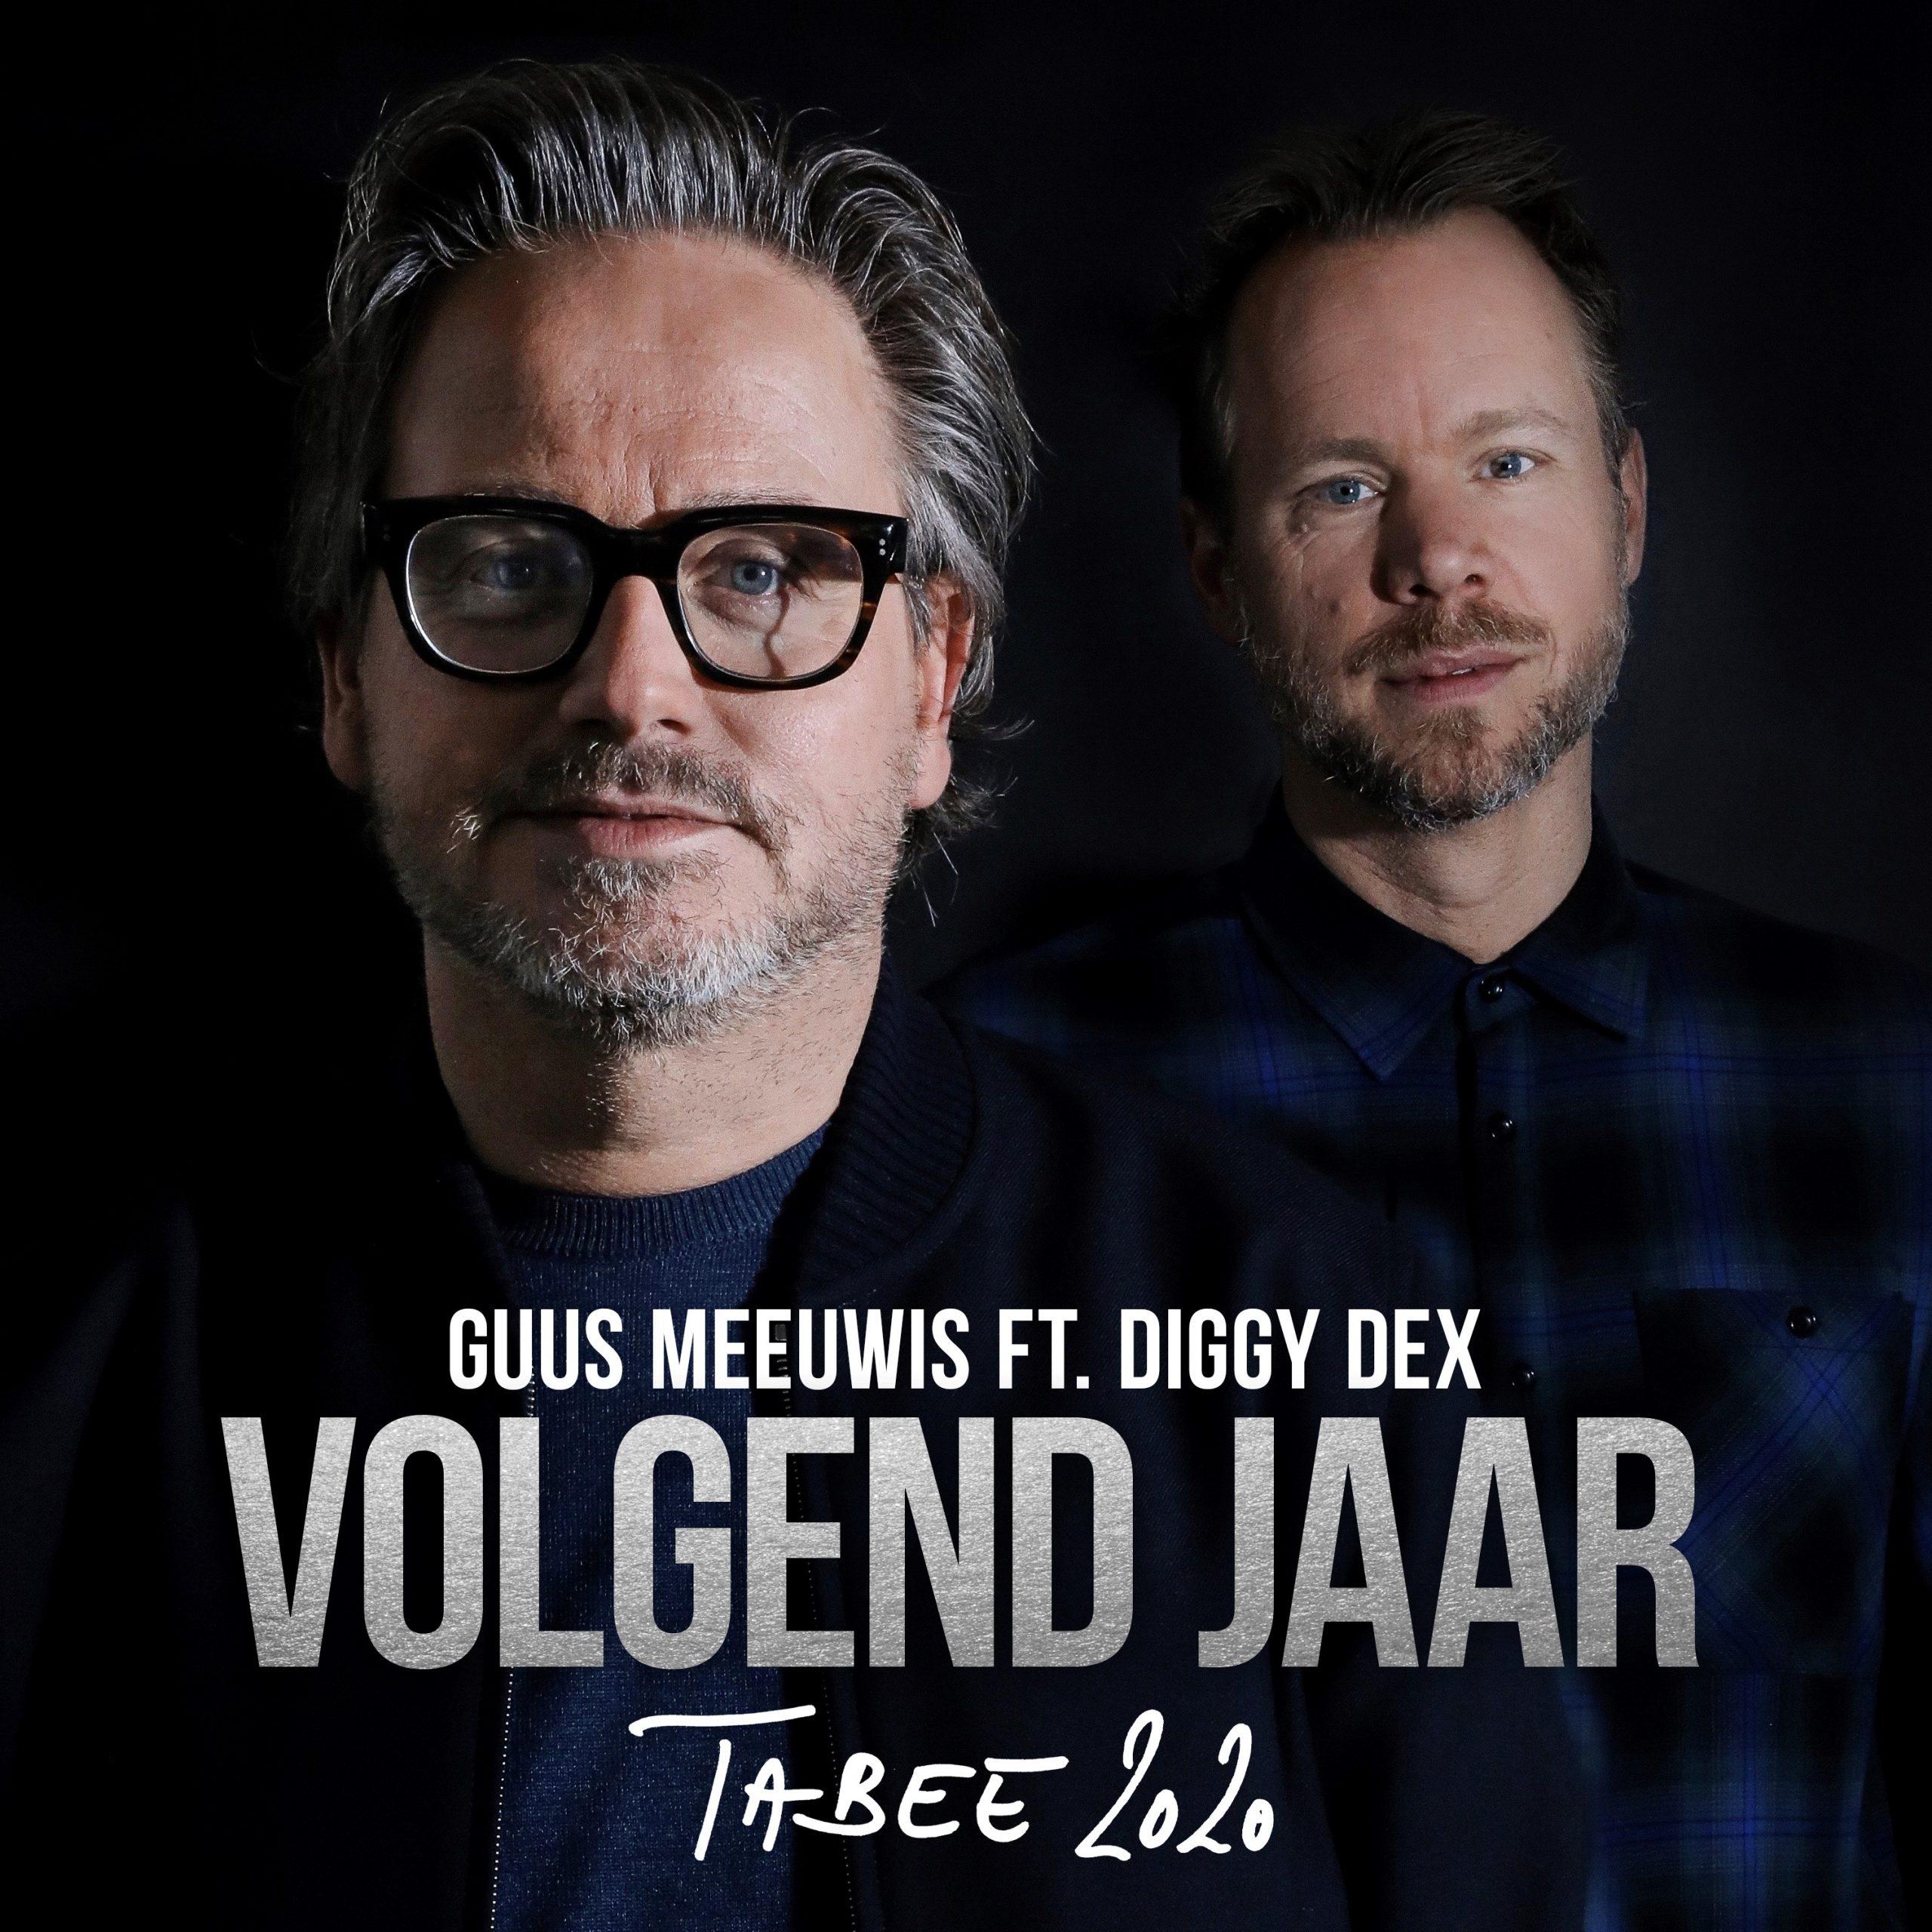 Volgend jaar nieuwe single van Guus Meeuwis en Diggy Dex - Hoes Guus Meeuwis FT Diggy Dex Volgend jaar scaled